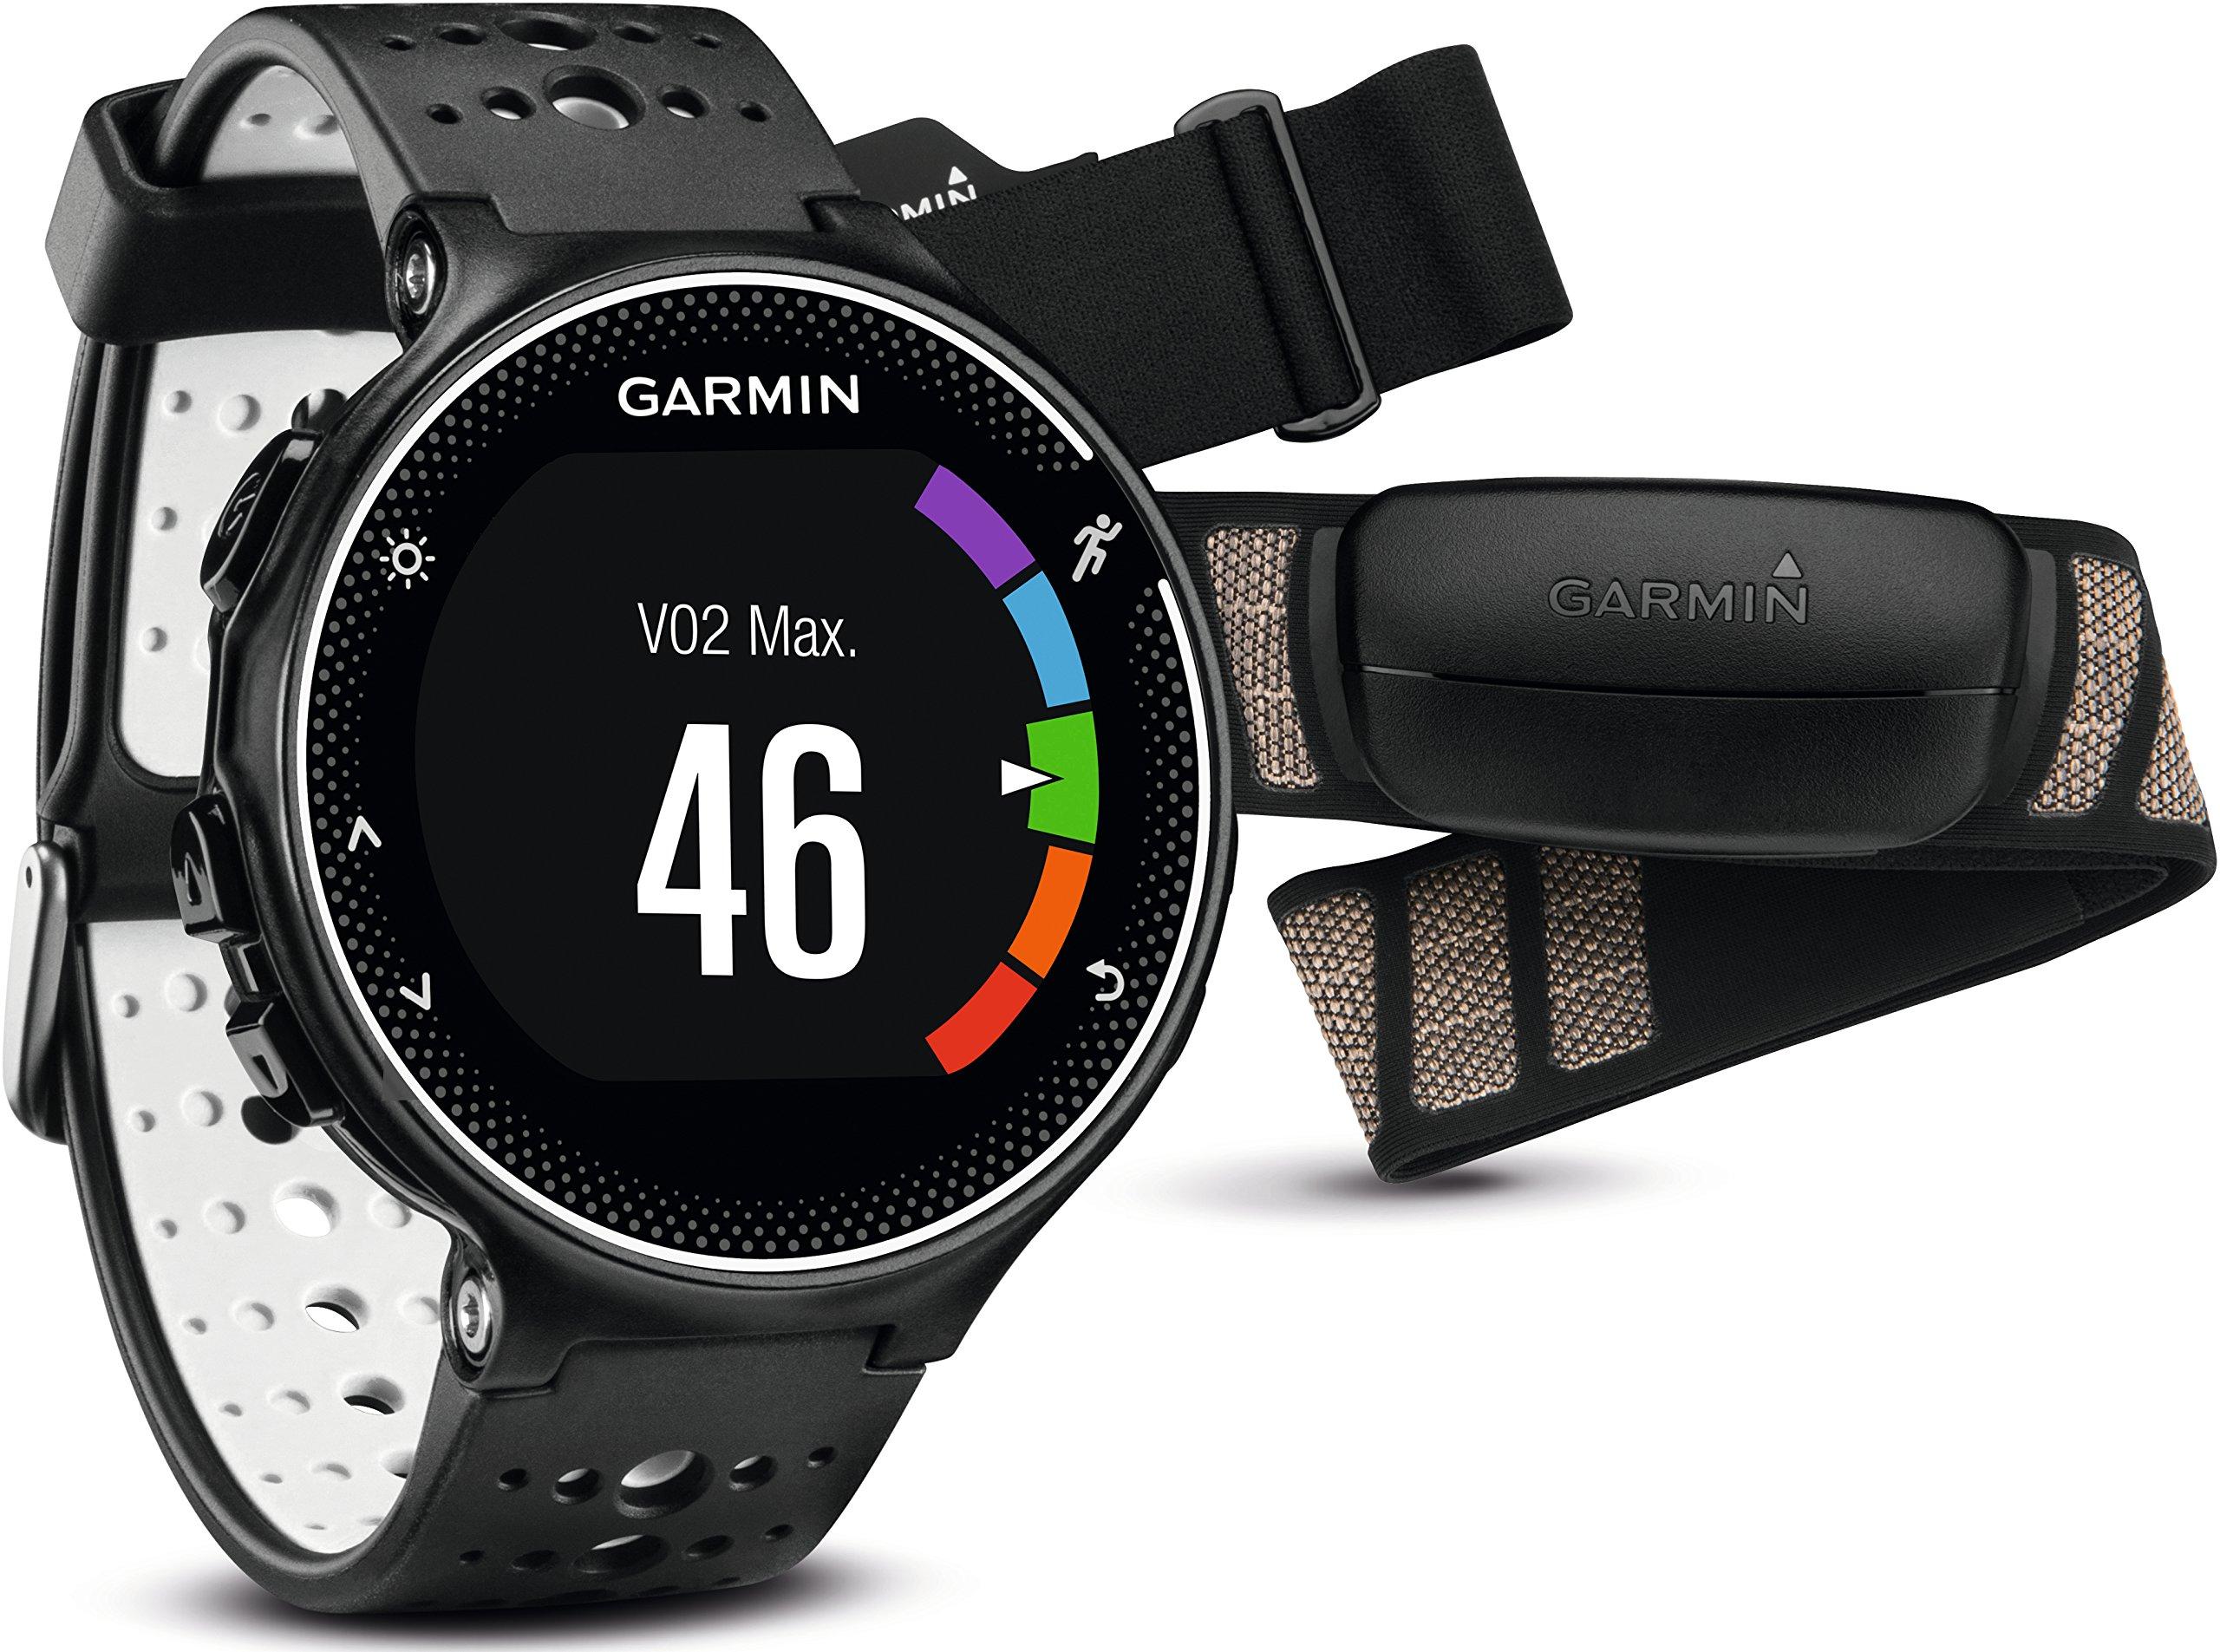 Garmin Forerunner 230 - Pack con reloj de carrera y pulsómetro premium, unisex, color negro y blanco, talla regular: Amazon.es: Deportes y aire libre